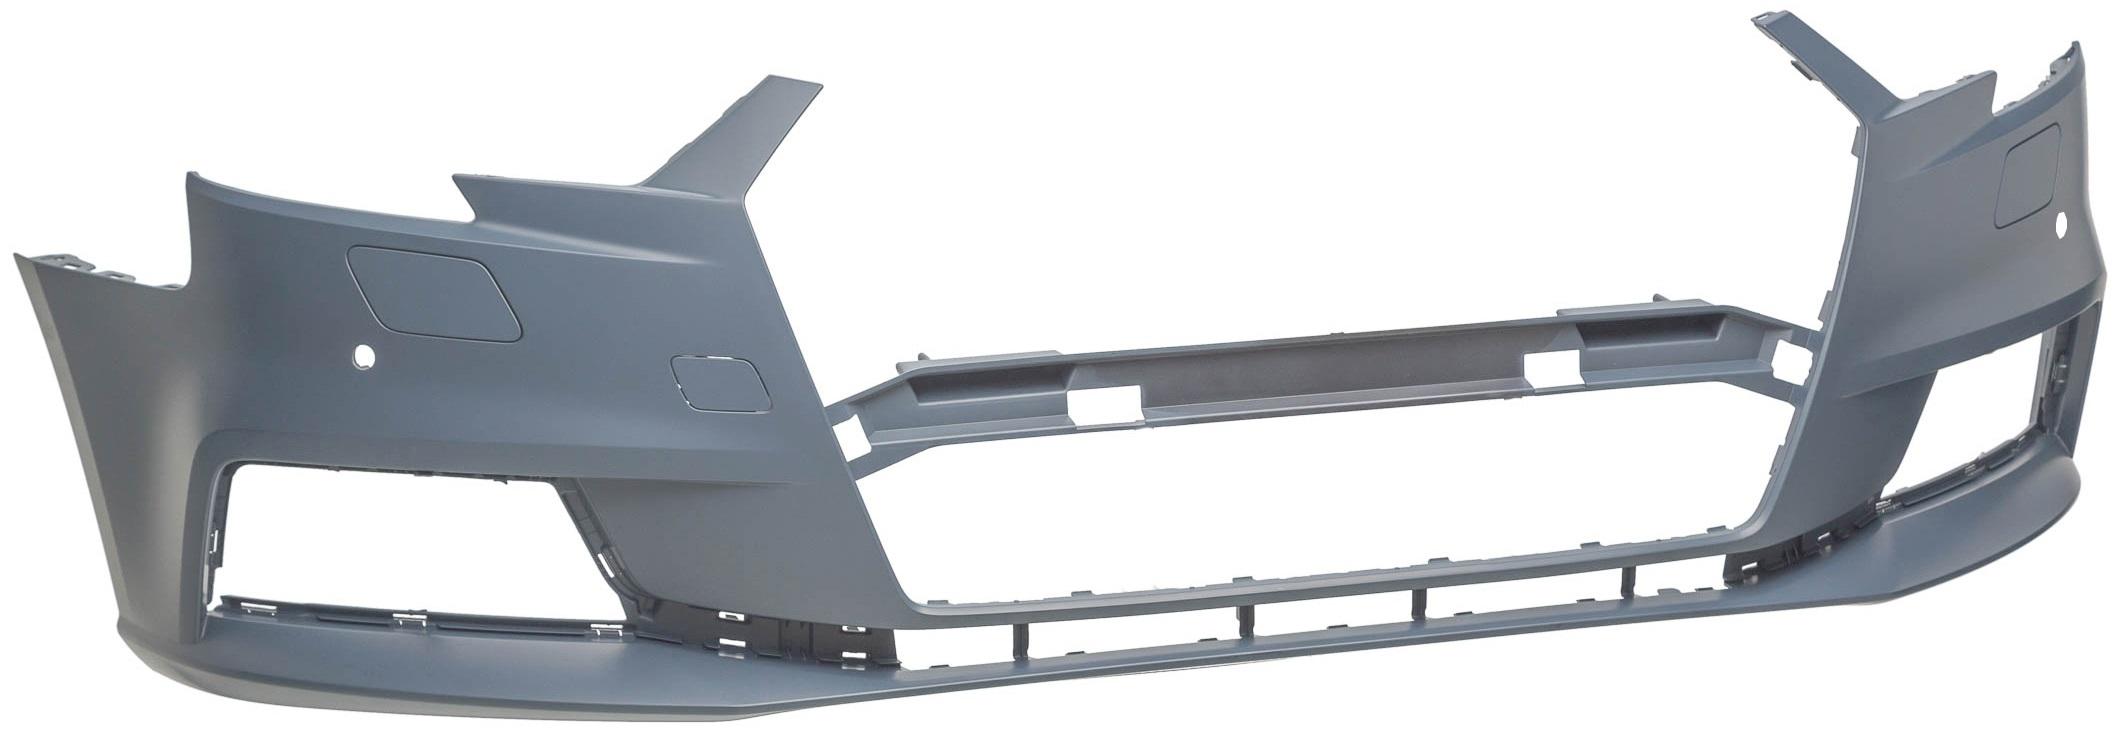 AUDI A3 16-*PARAGOLPES DELANTERO PARA PINTAR  CON 2 AGUJEROS PARA SENSOR